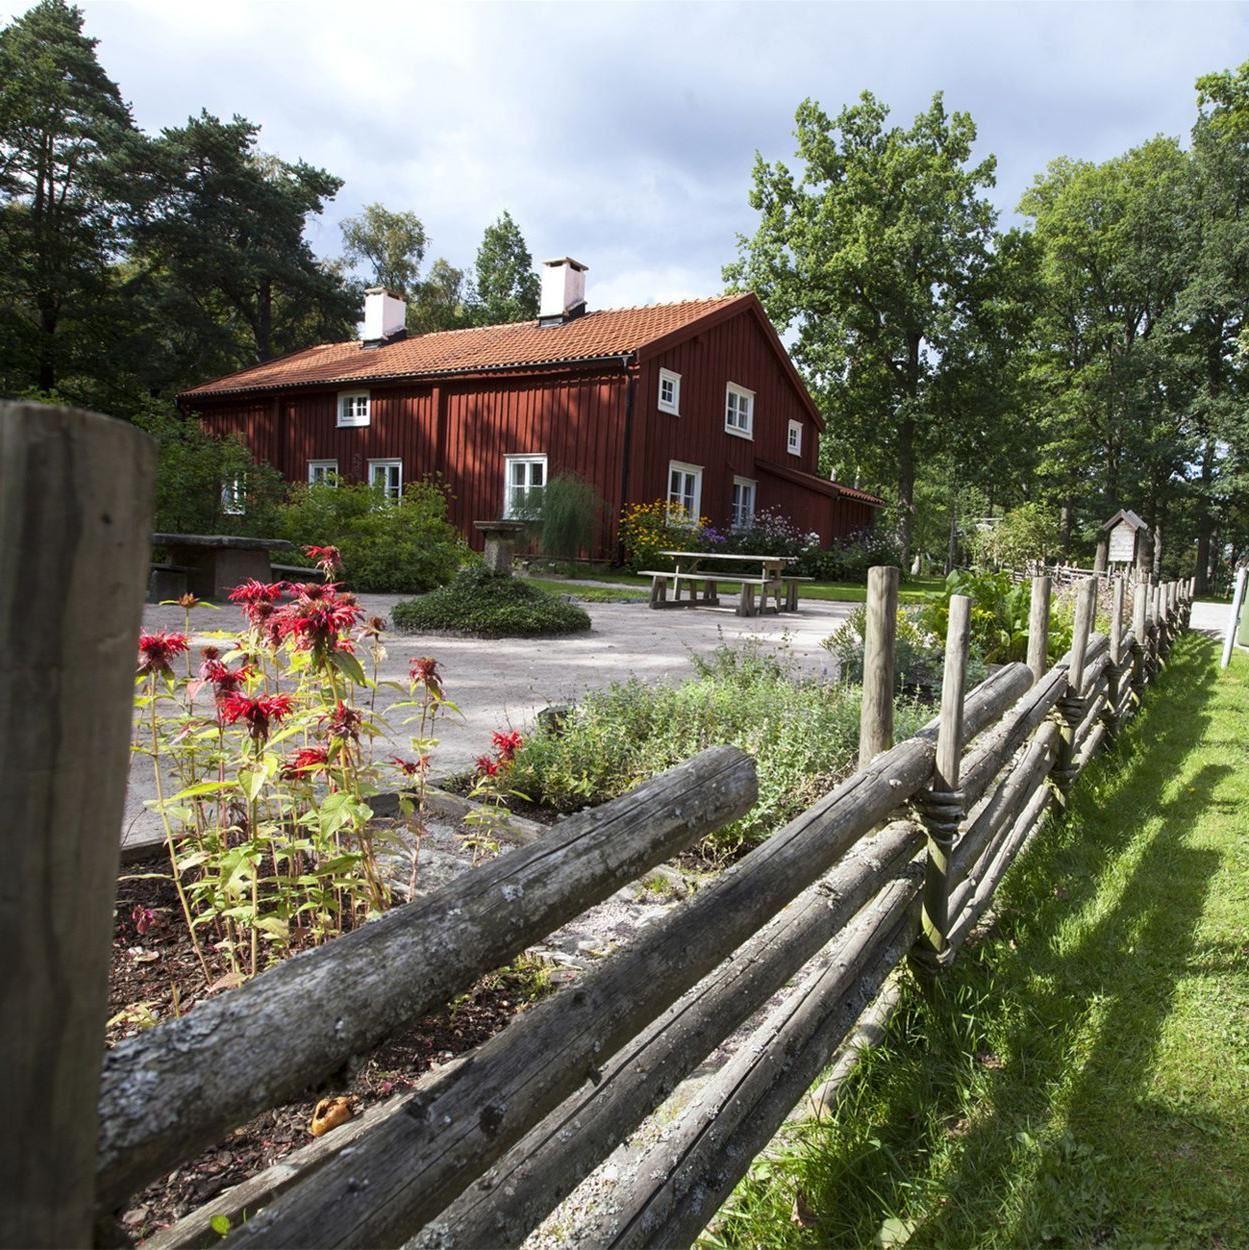 Foto: Smålandsbilder.se,  © Värnamo Näringsliv AB , Apladalens natur- och hembygdspark